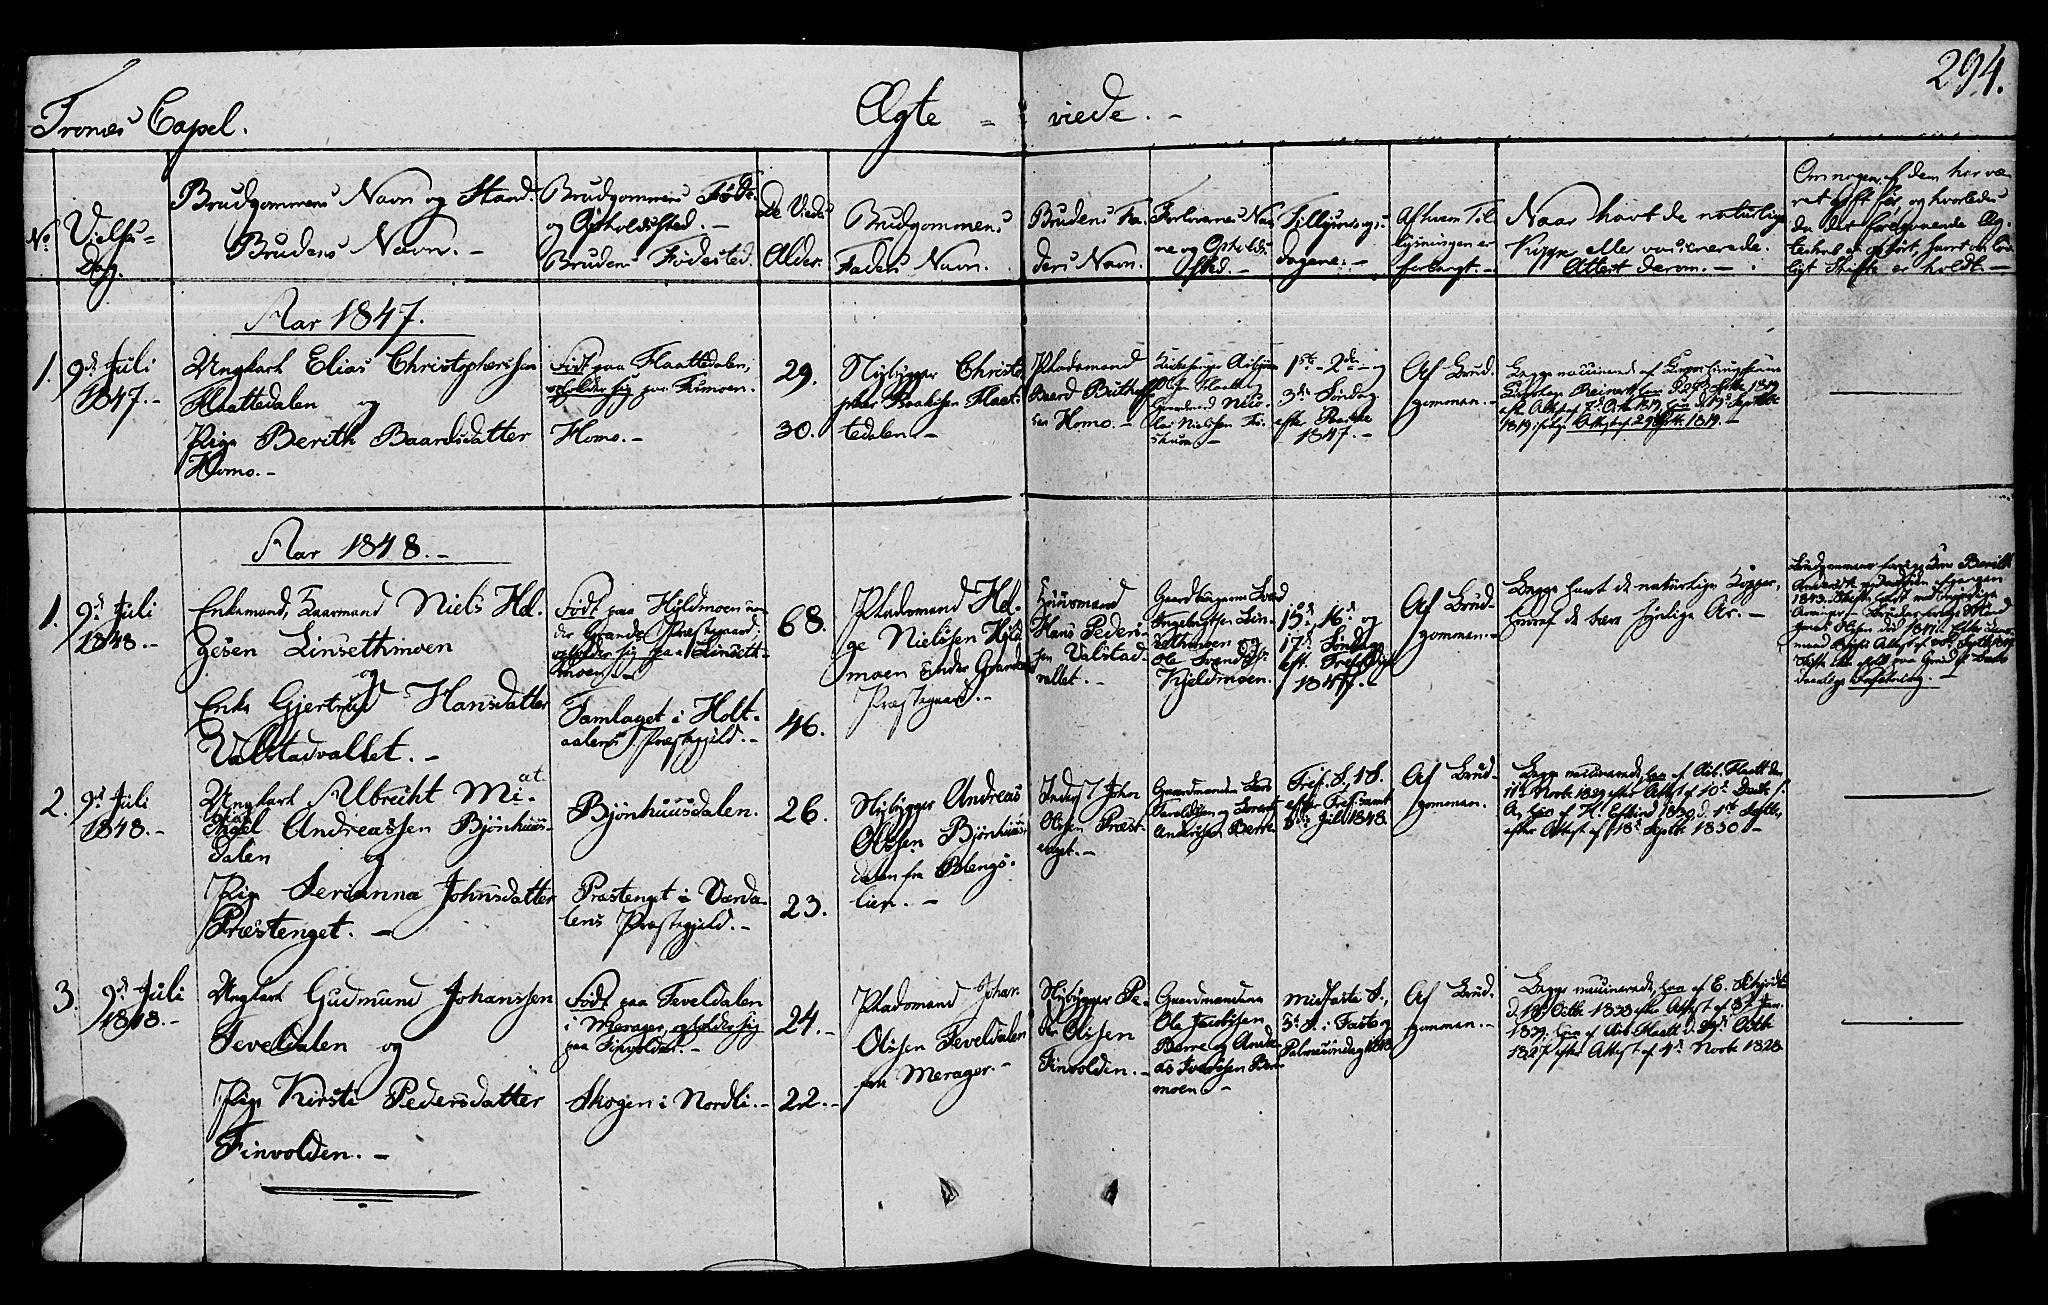 SAT, Ministerialprotokoller, klokkerbøker og fødselsregistre - Nord-Trøndelag, 762/L0538: Ministerialbok nr. 762A02 /2, 1833-1879, s. 294